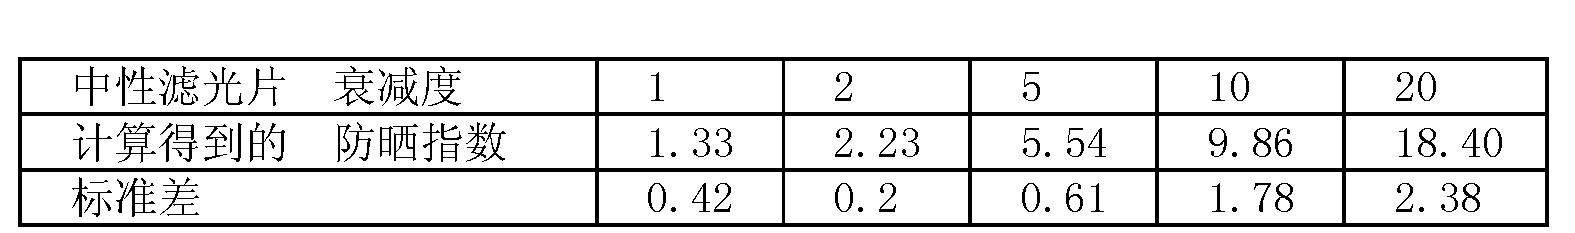 Figure CN1997910BD00111